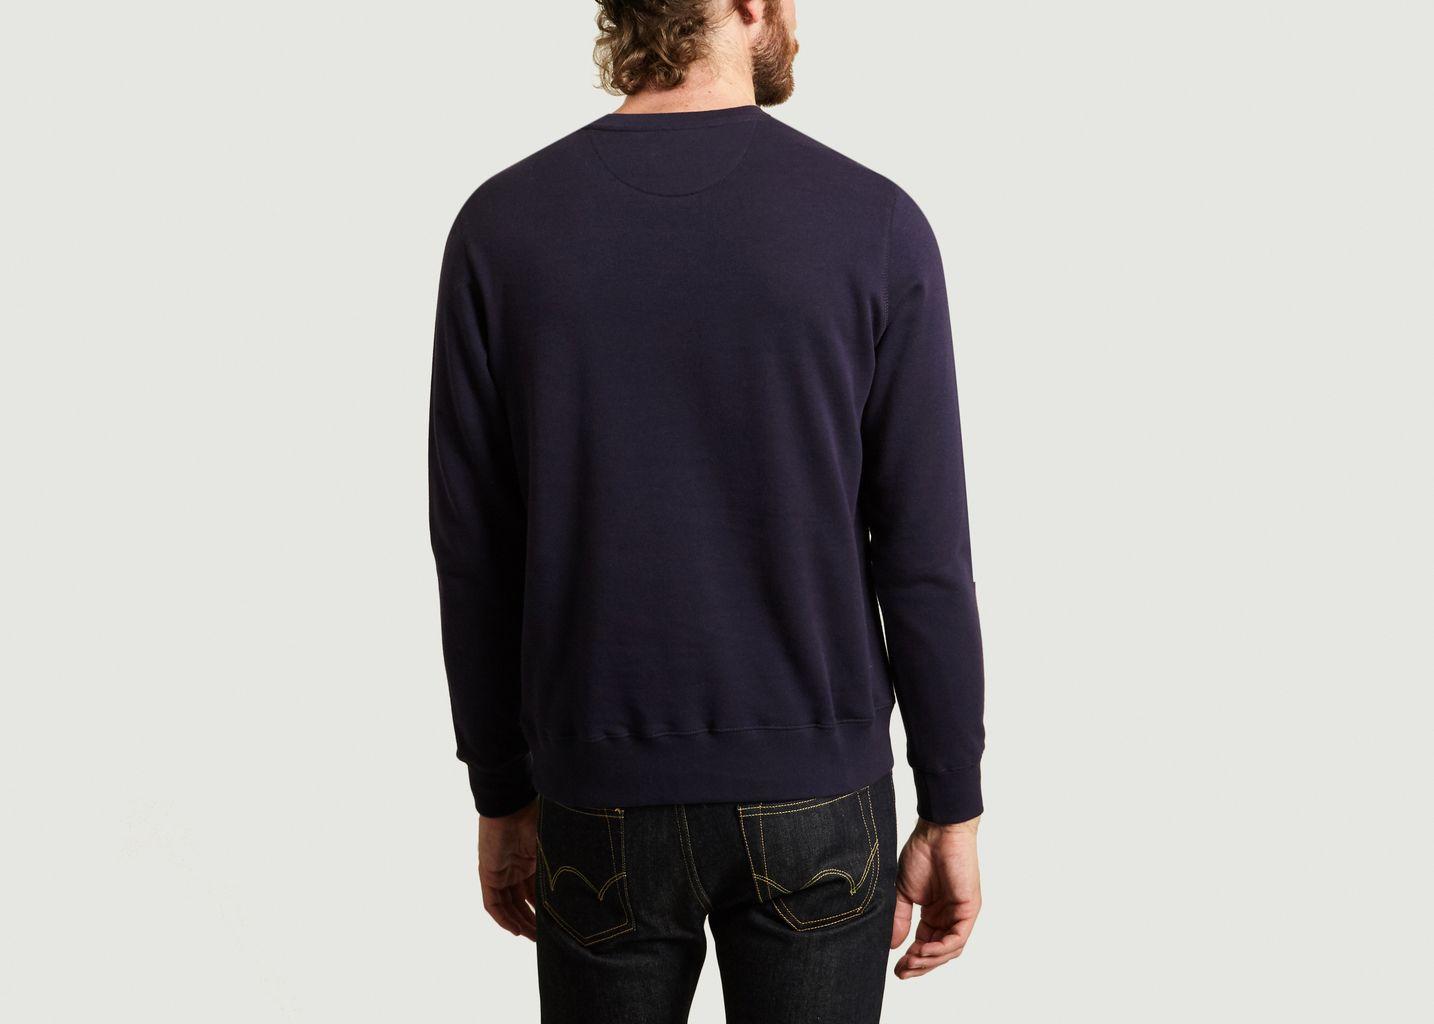 Sweatshirt Geek - Maison Labiche